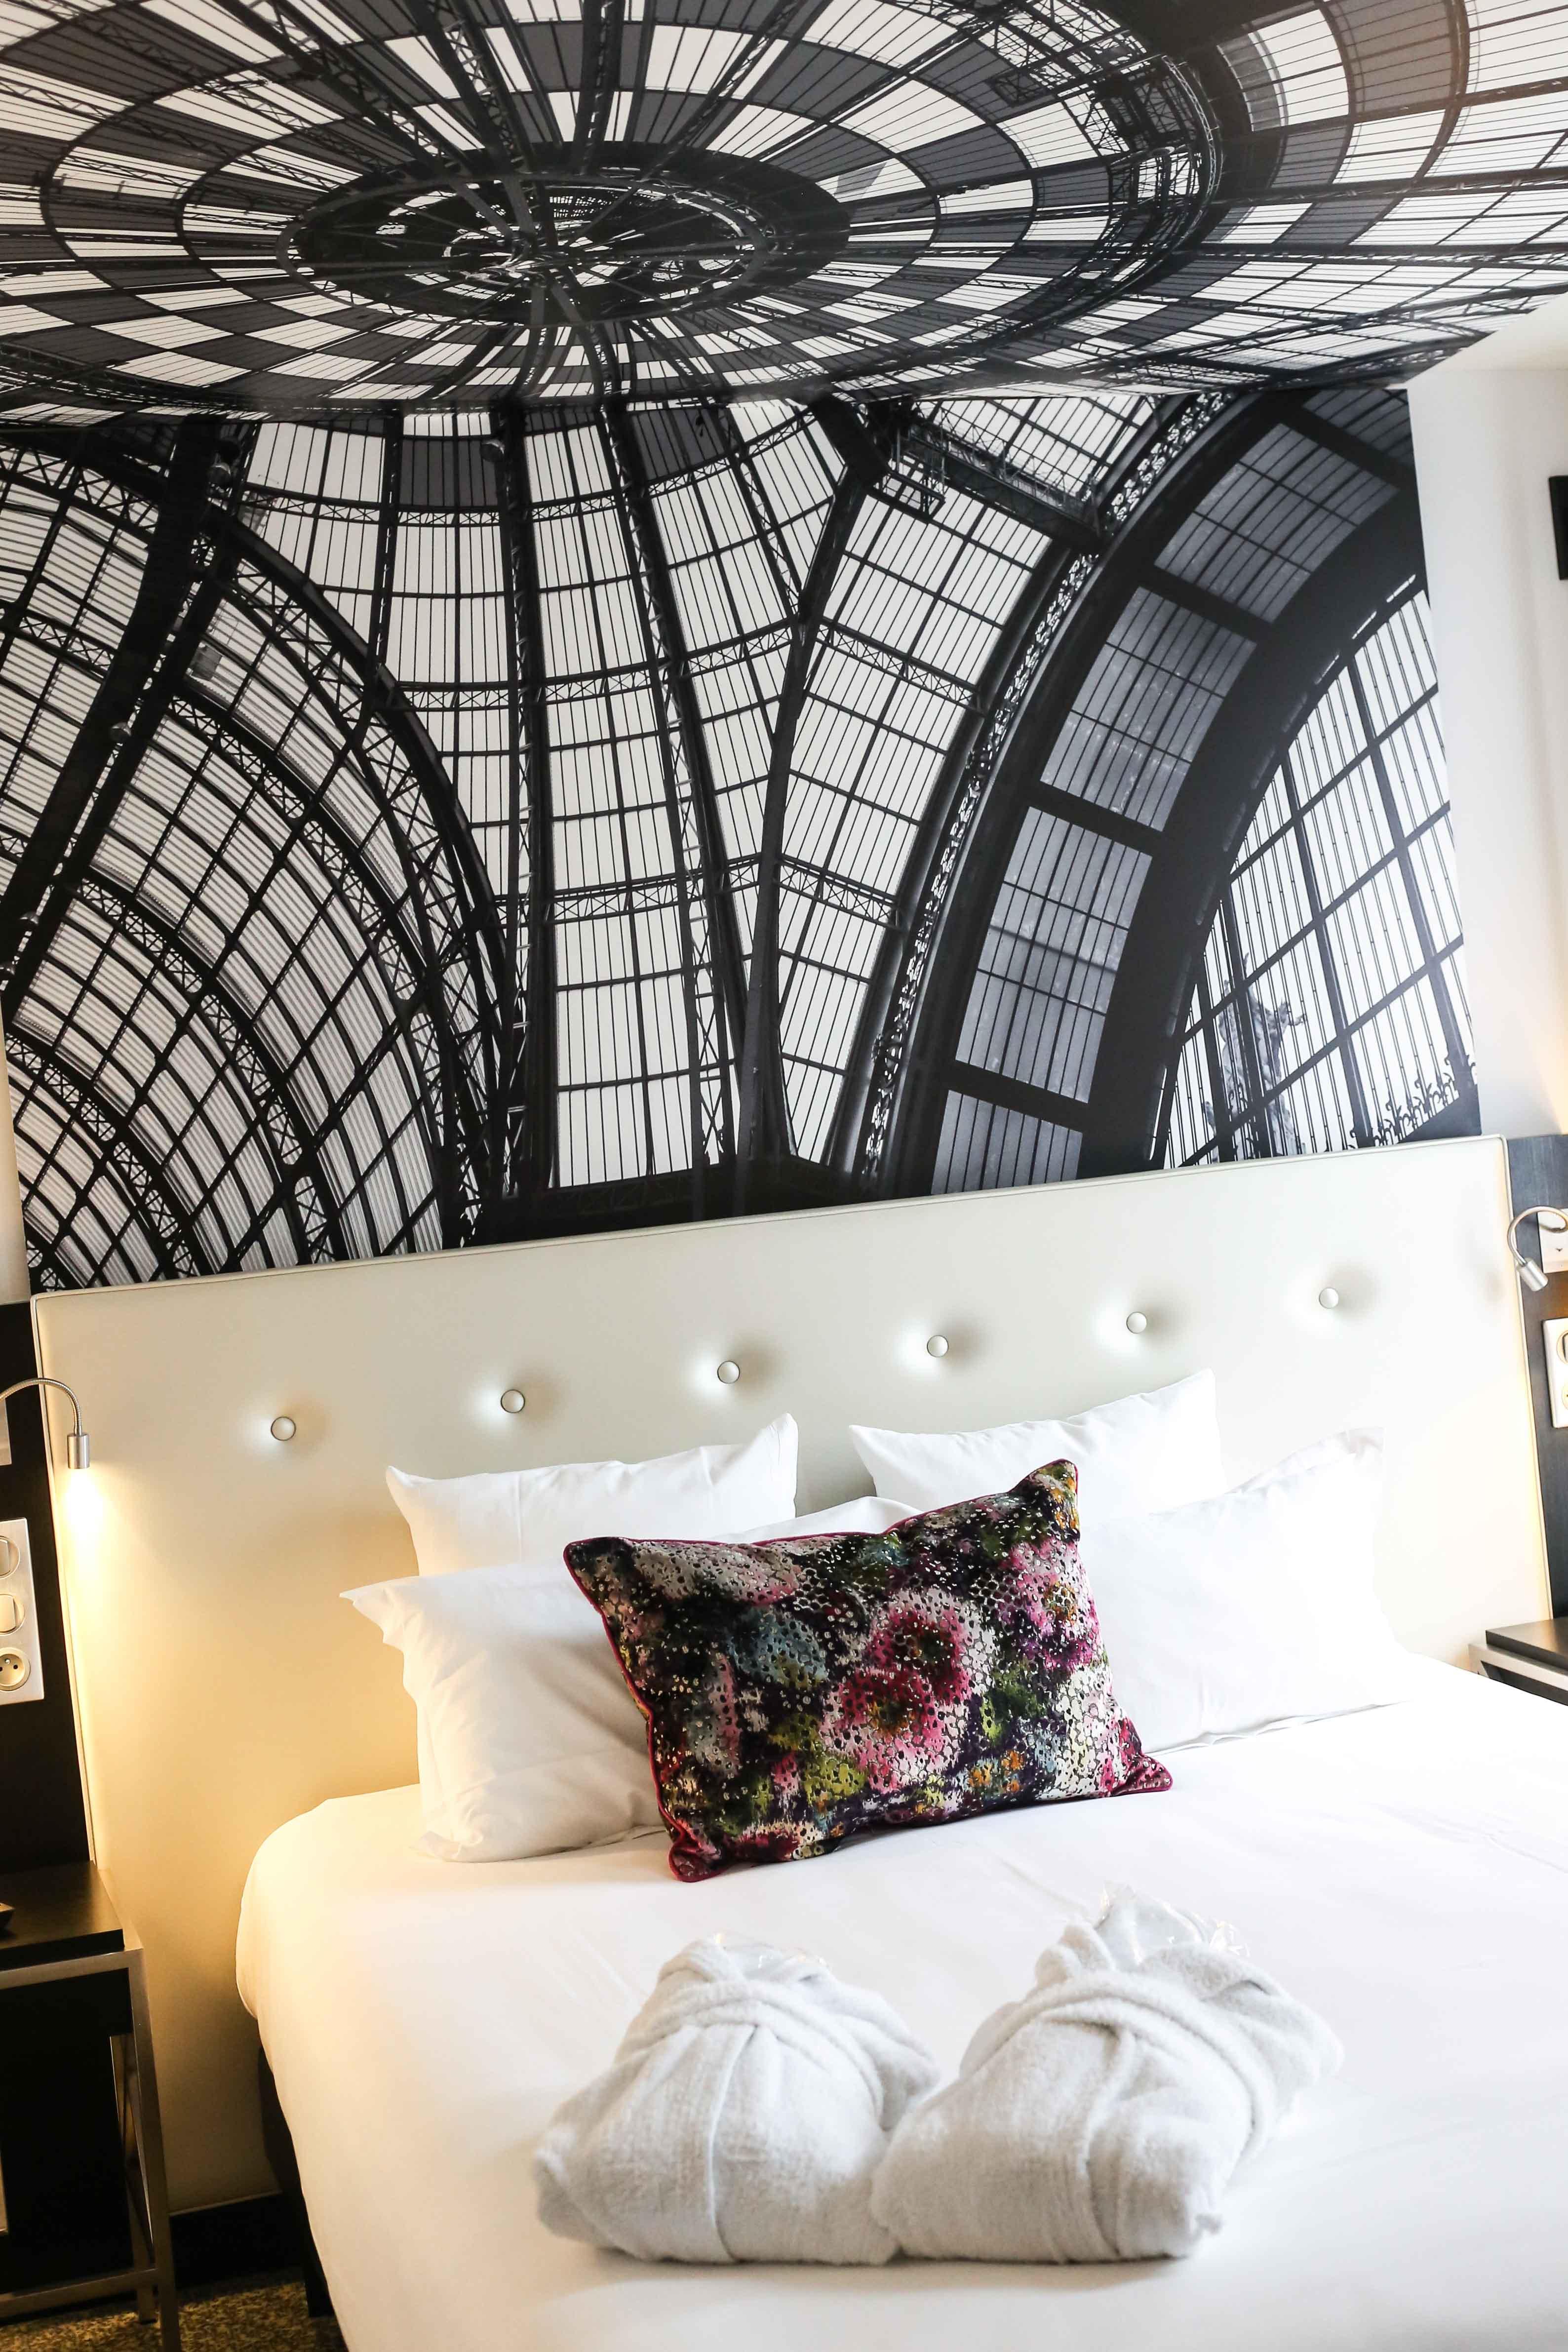 hotel-gustave-4-sterne-hotel-paris-eiffelturm-lage-erfahrung-bericht-reiseblog-travelblog_0639